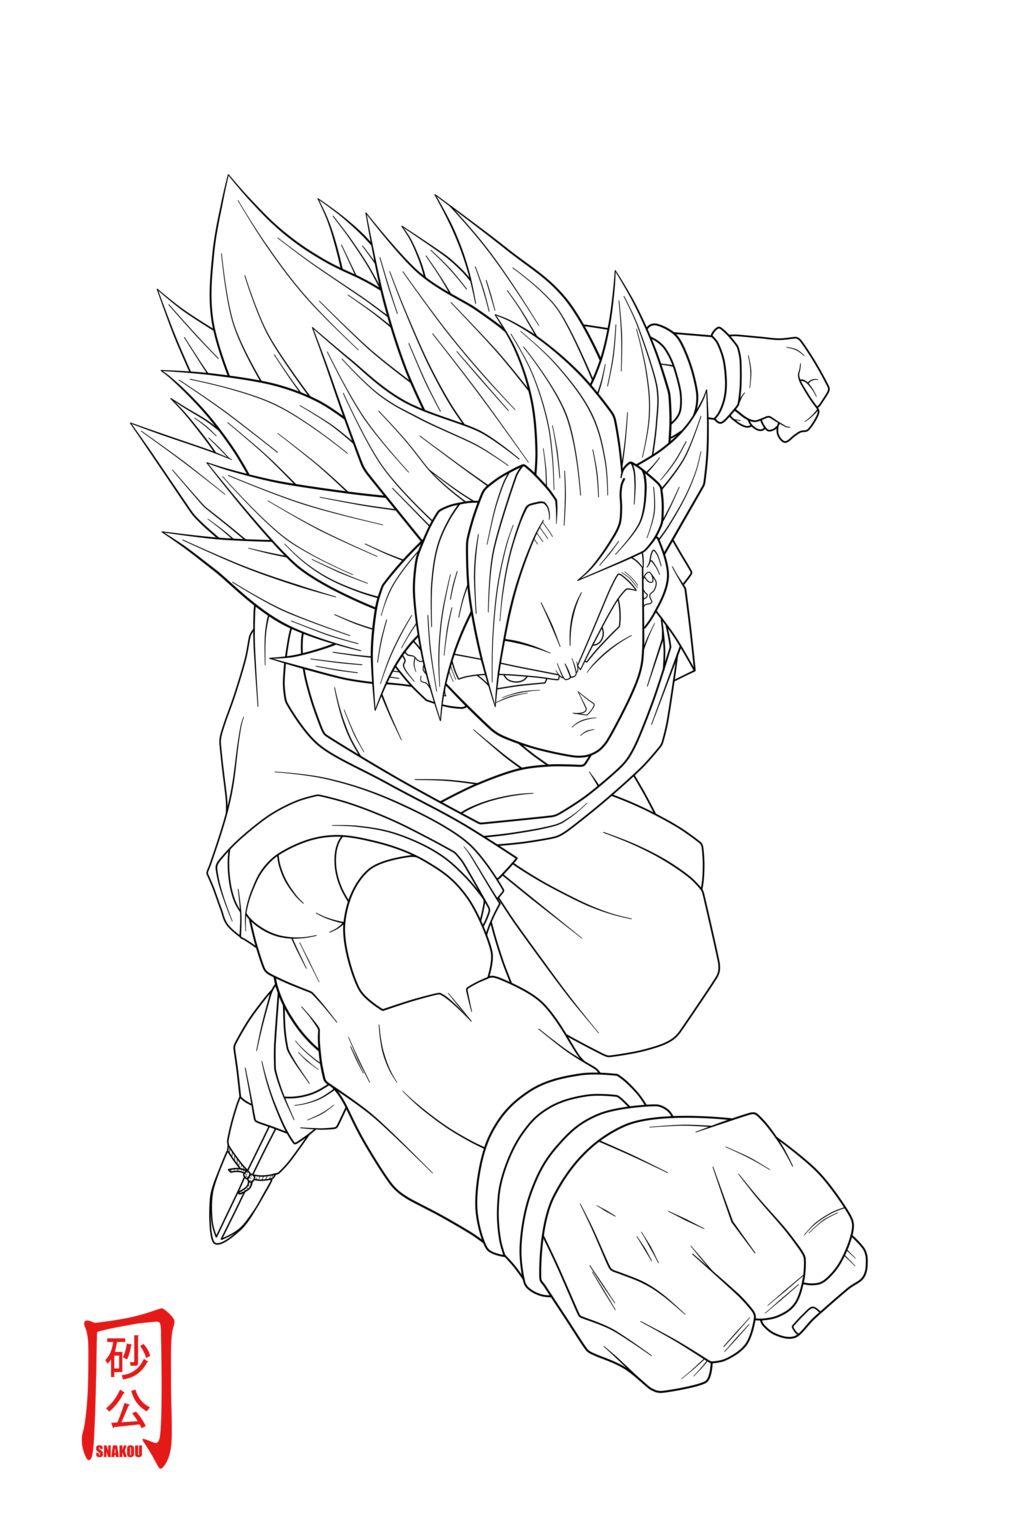 Goku Ssj2 Attack Lineart By Snakou On Deviantart Desenhos A